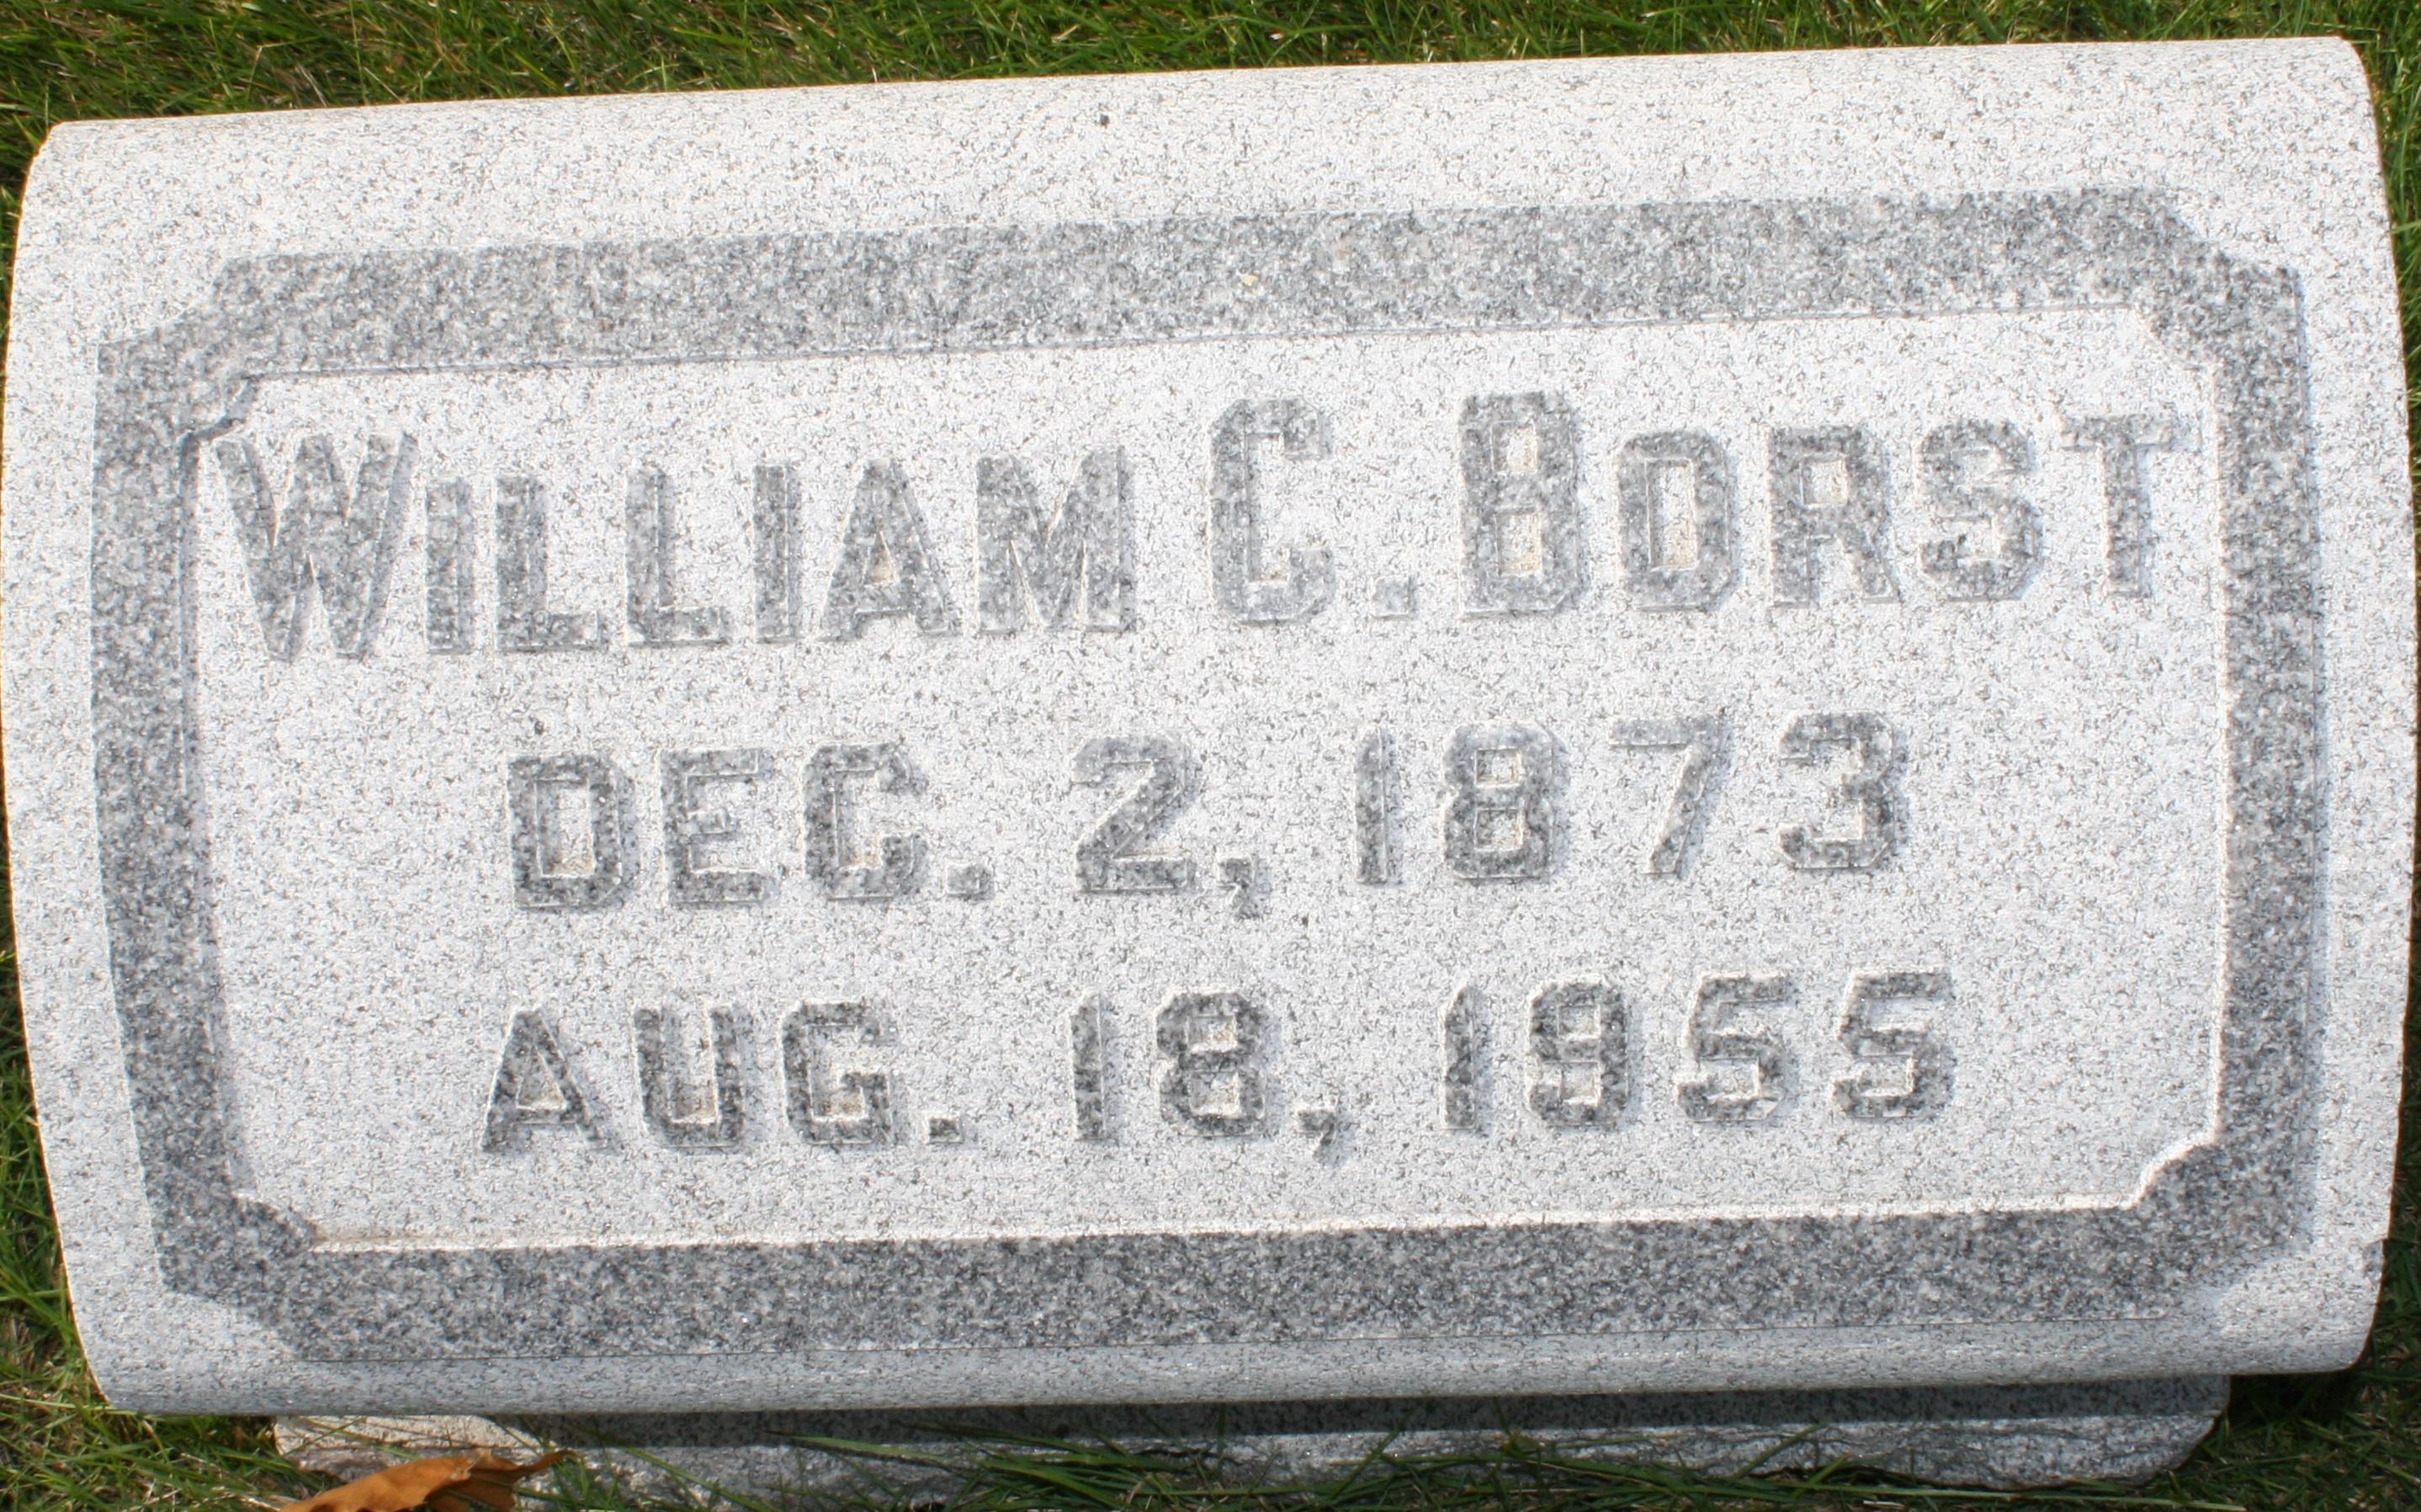 William Chalmers Borst